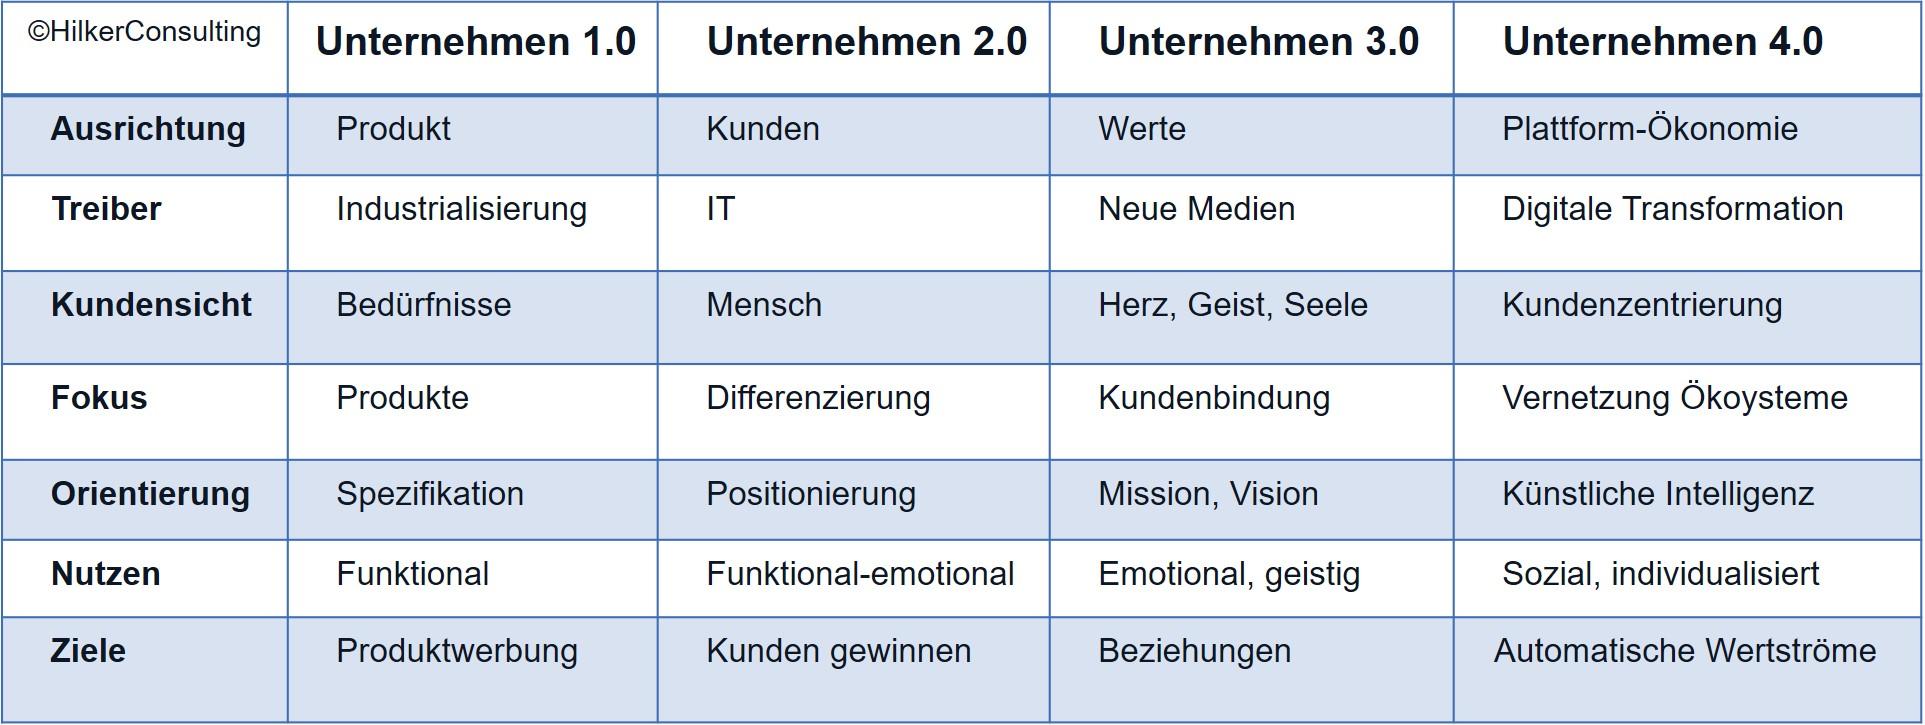 Unternehmen 4.0_Hilker Consulting